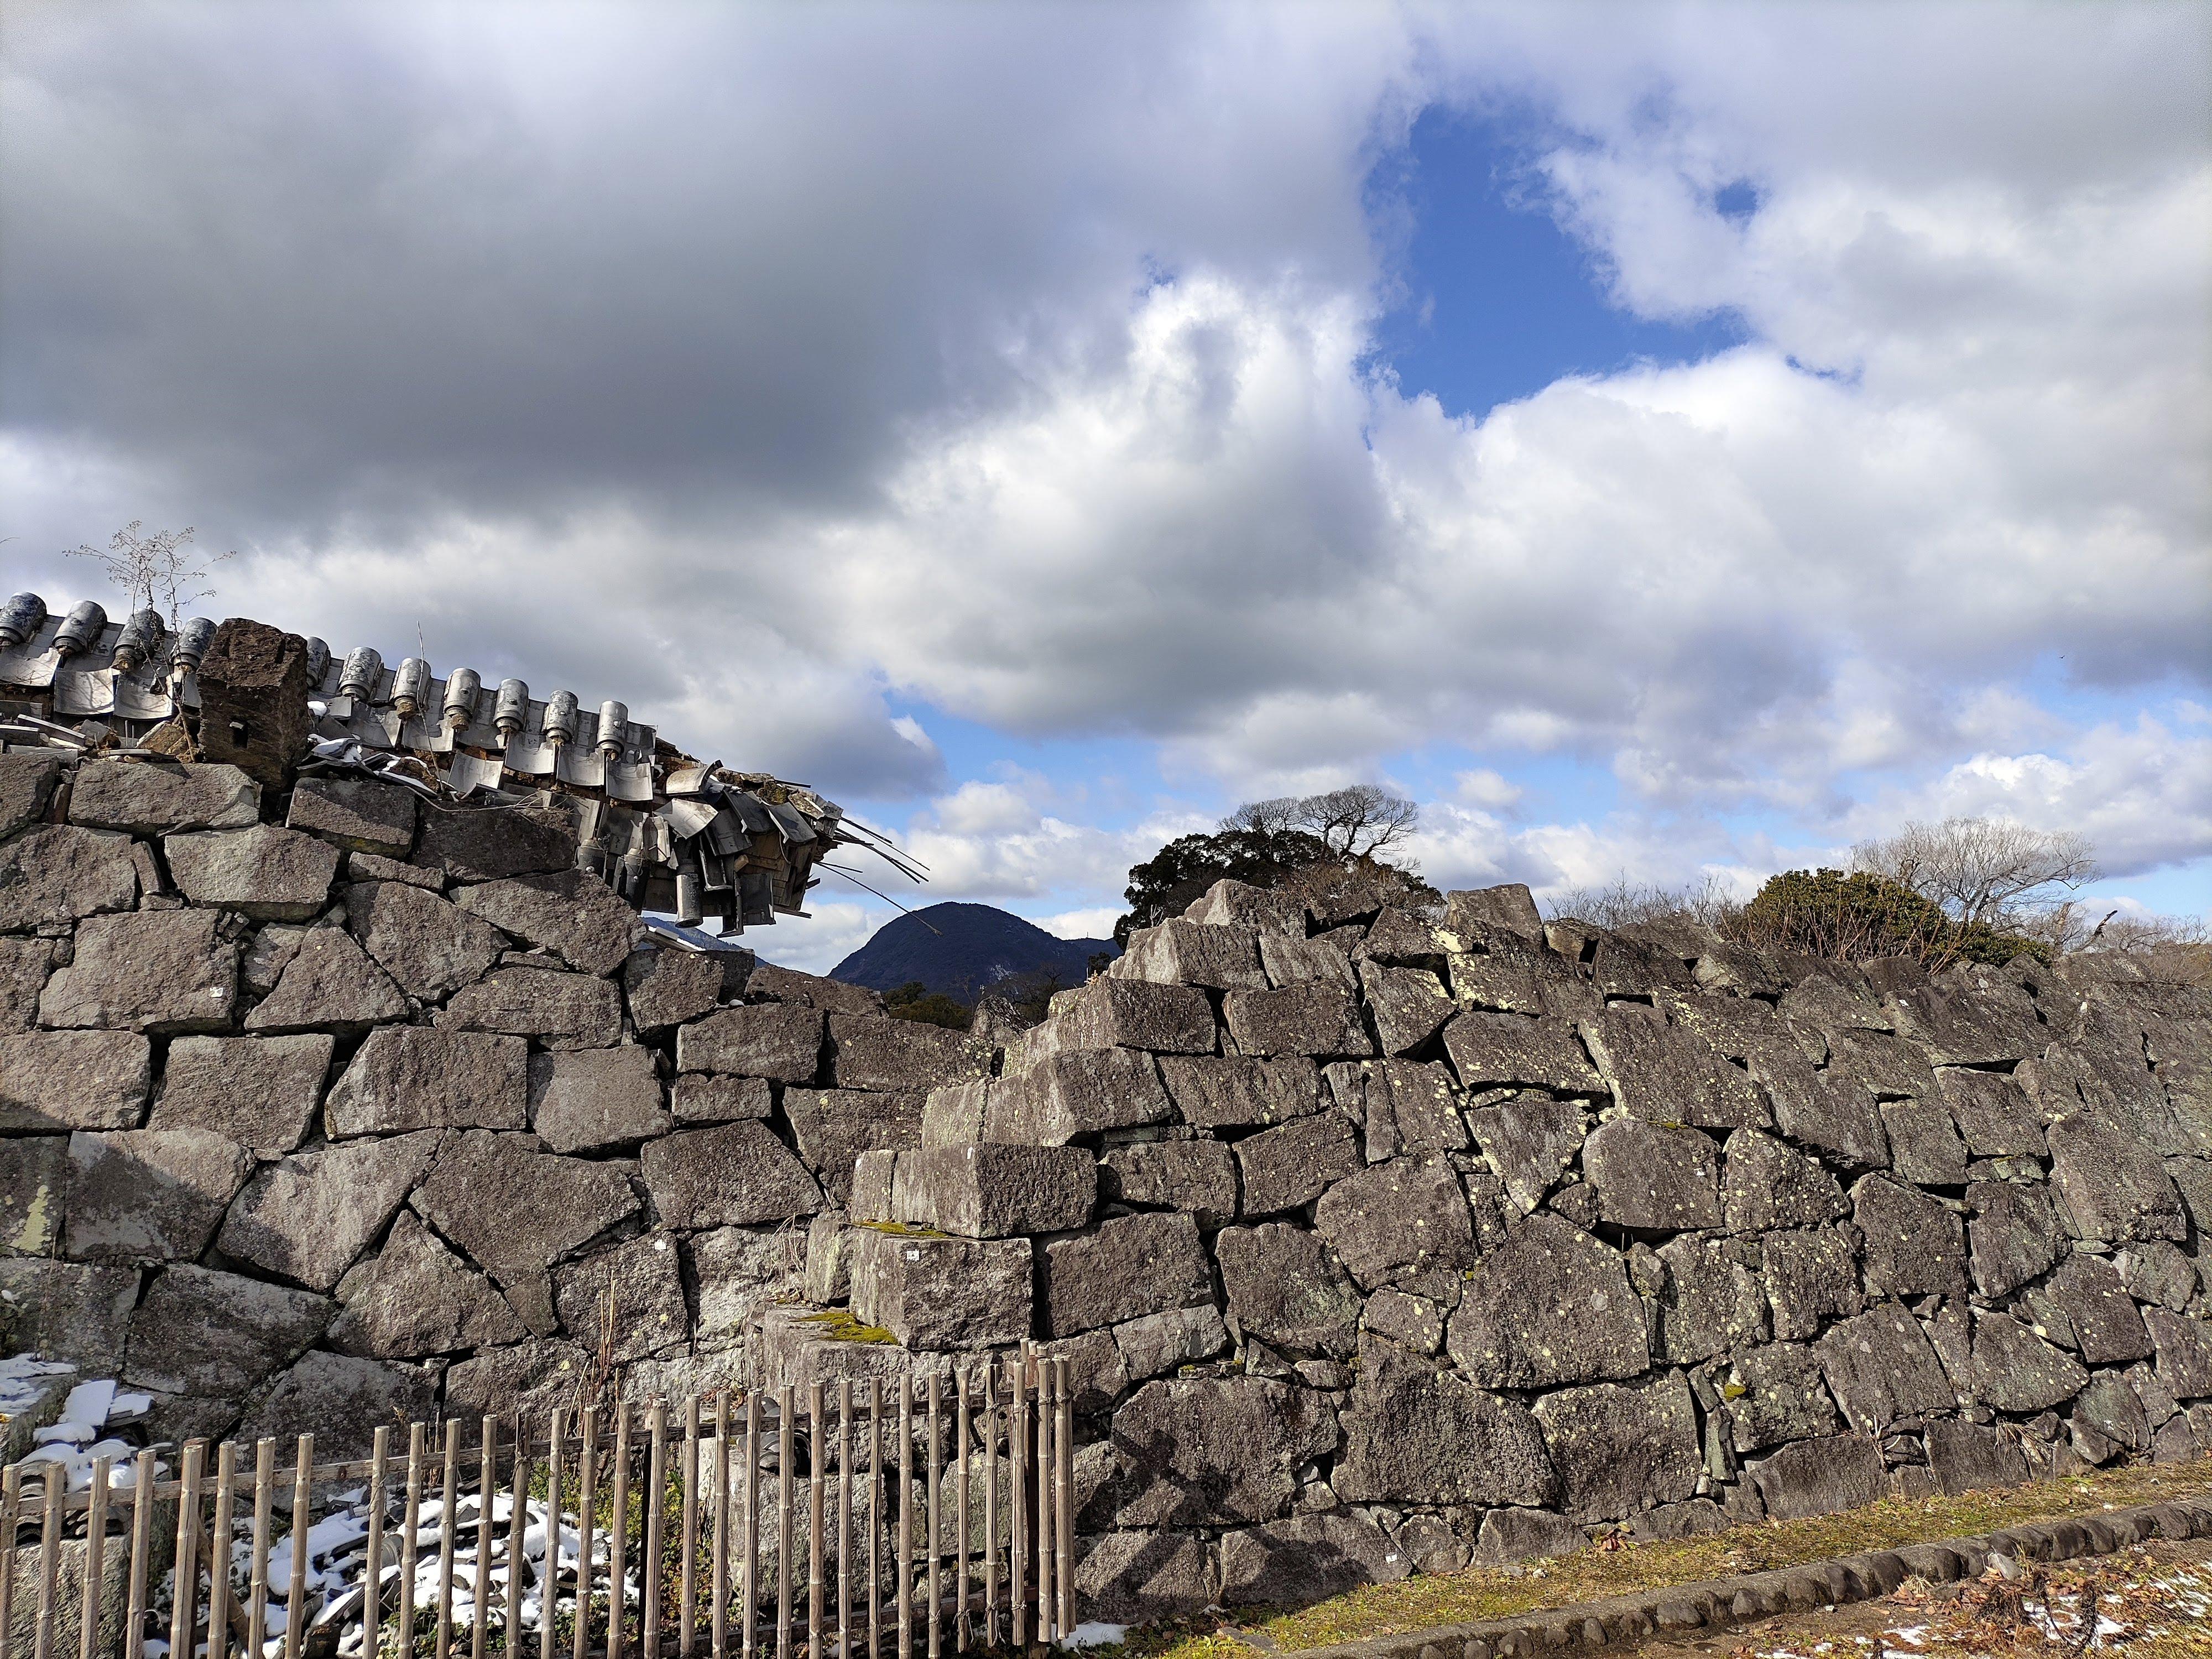 熊本地震で崩れたままの熊本城石垣